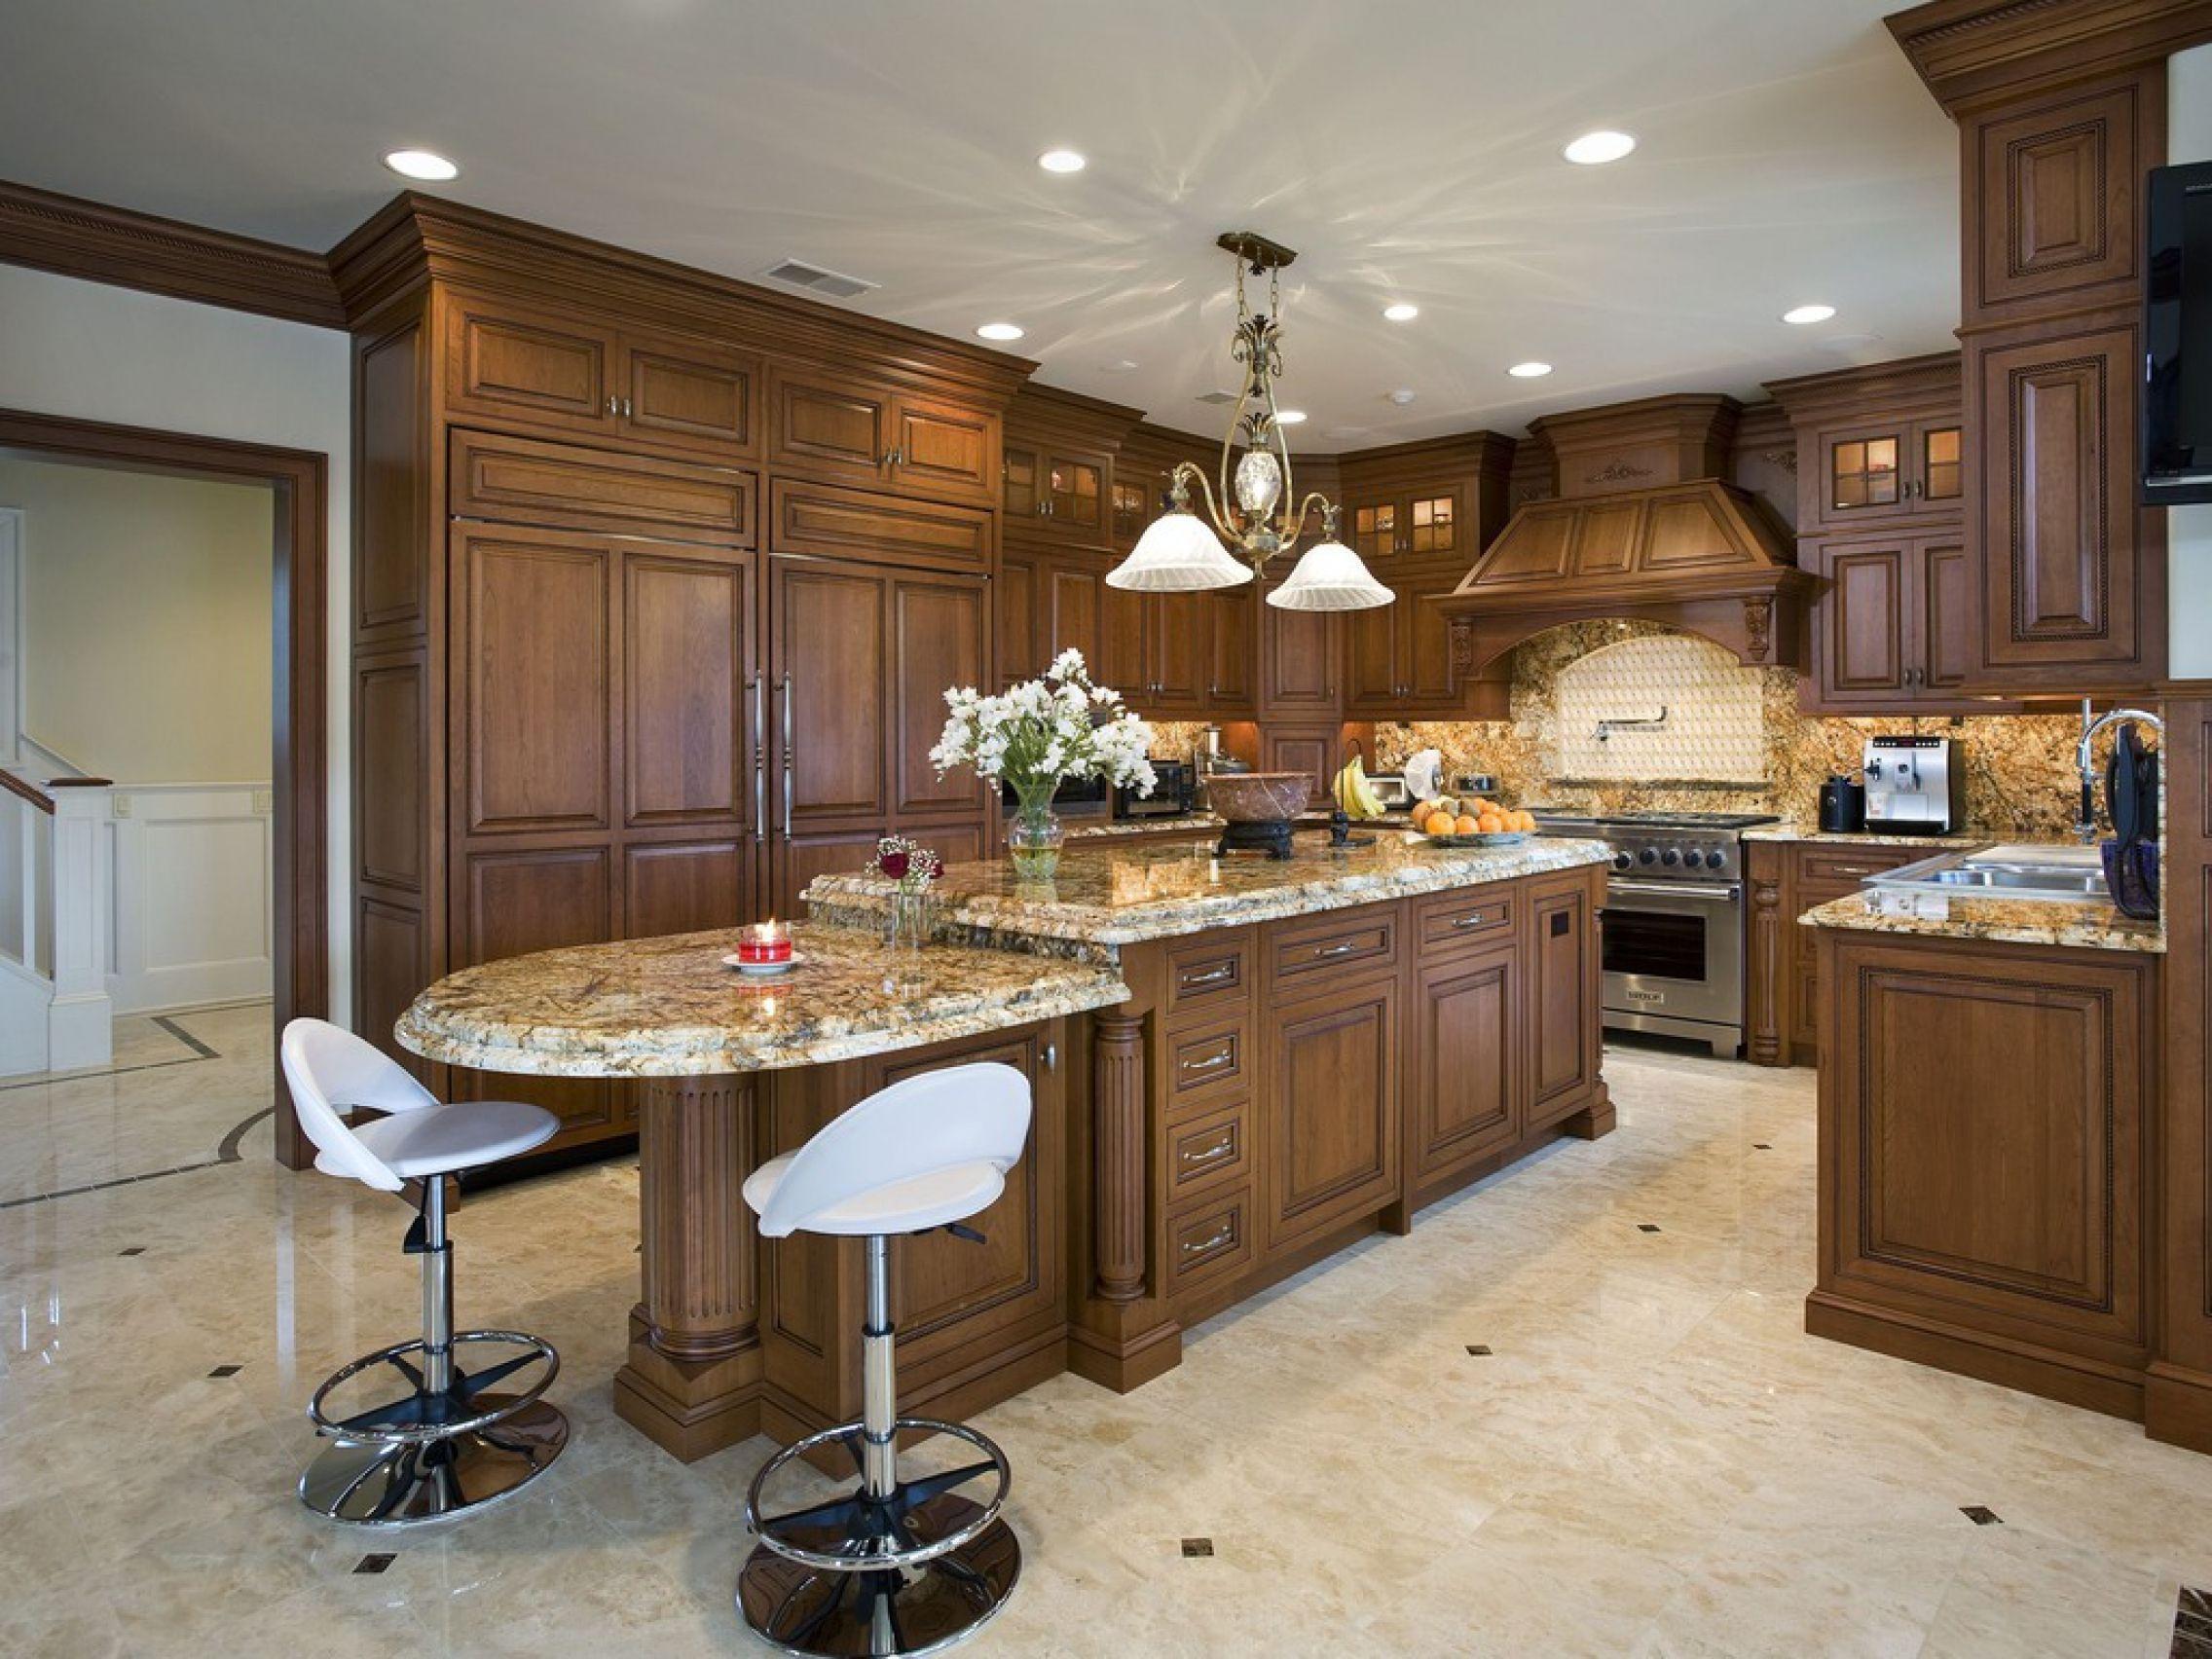 extending a kitchen island Google Search Round kitchen